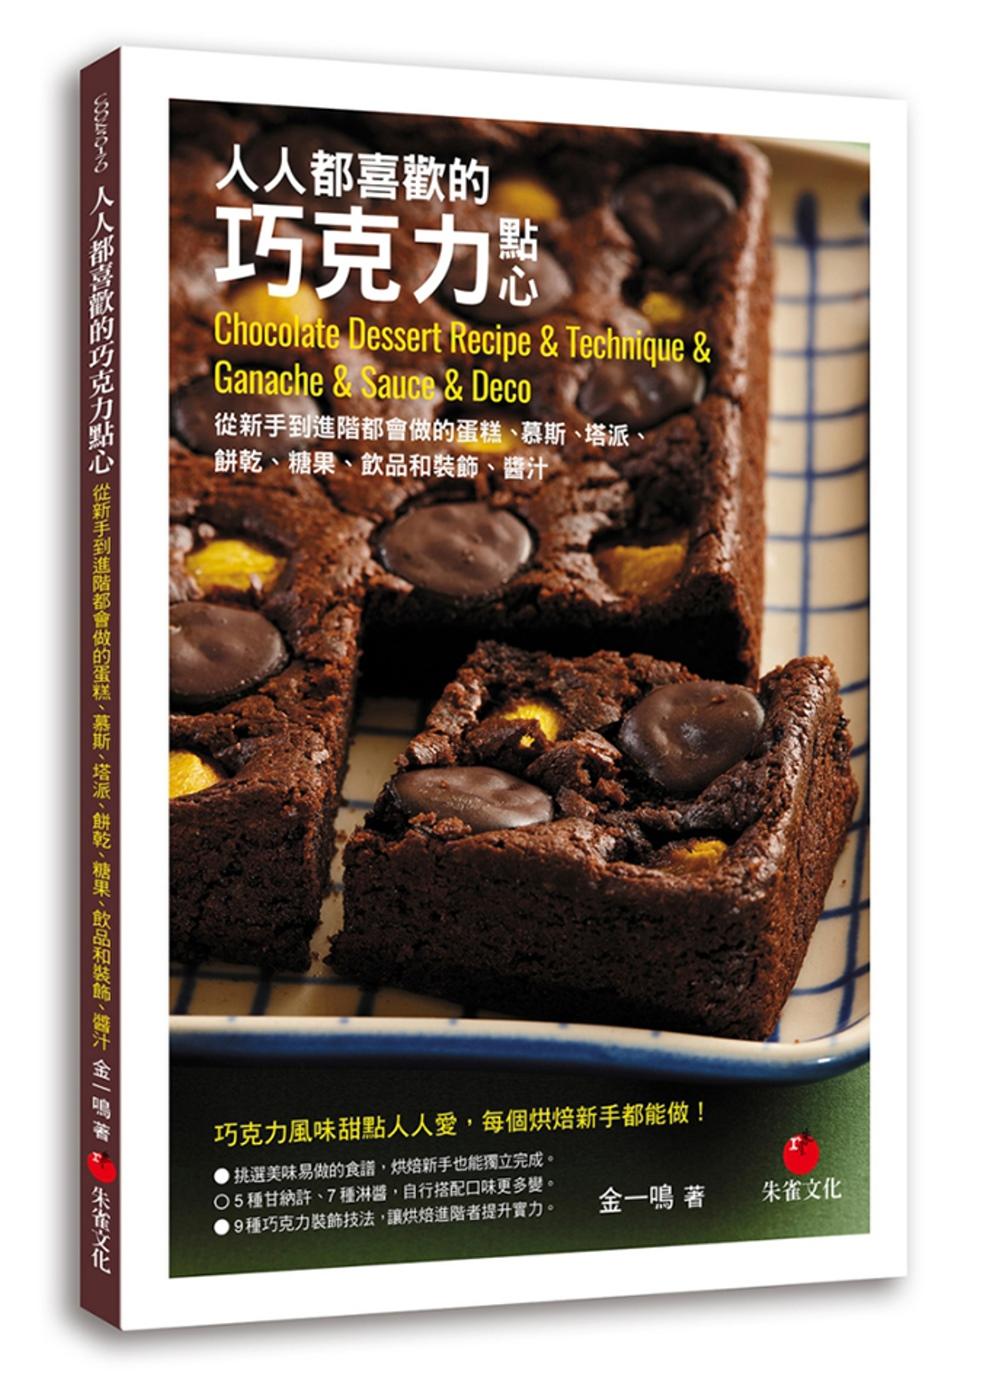 人人都喜歡的巧克力點心:從新手到進階都會做的蛋糕、慕斯、塔派、餅乾、糖果、飲品和裝飾、醬汁